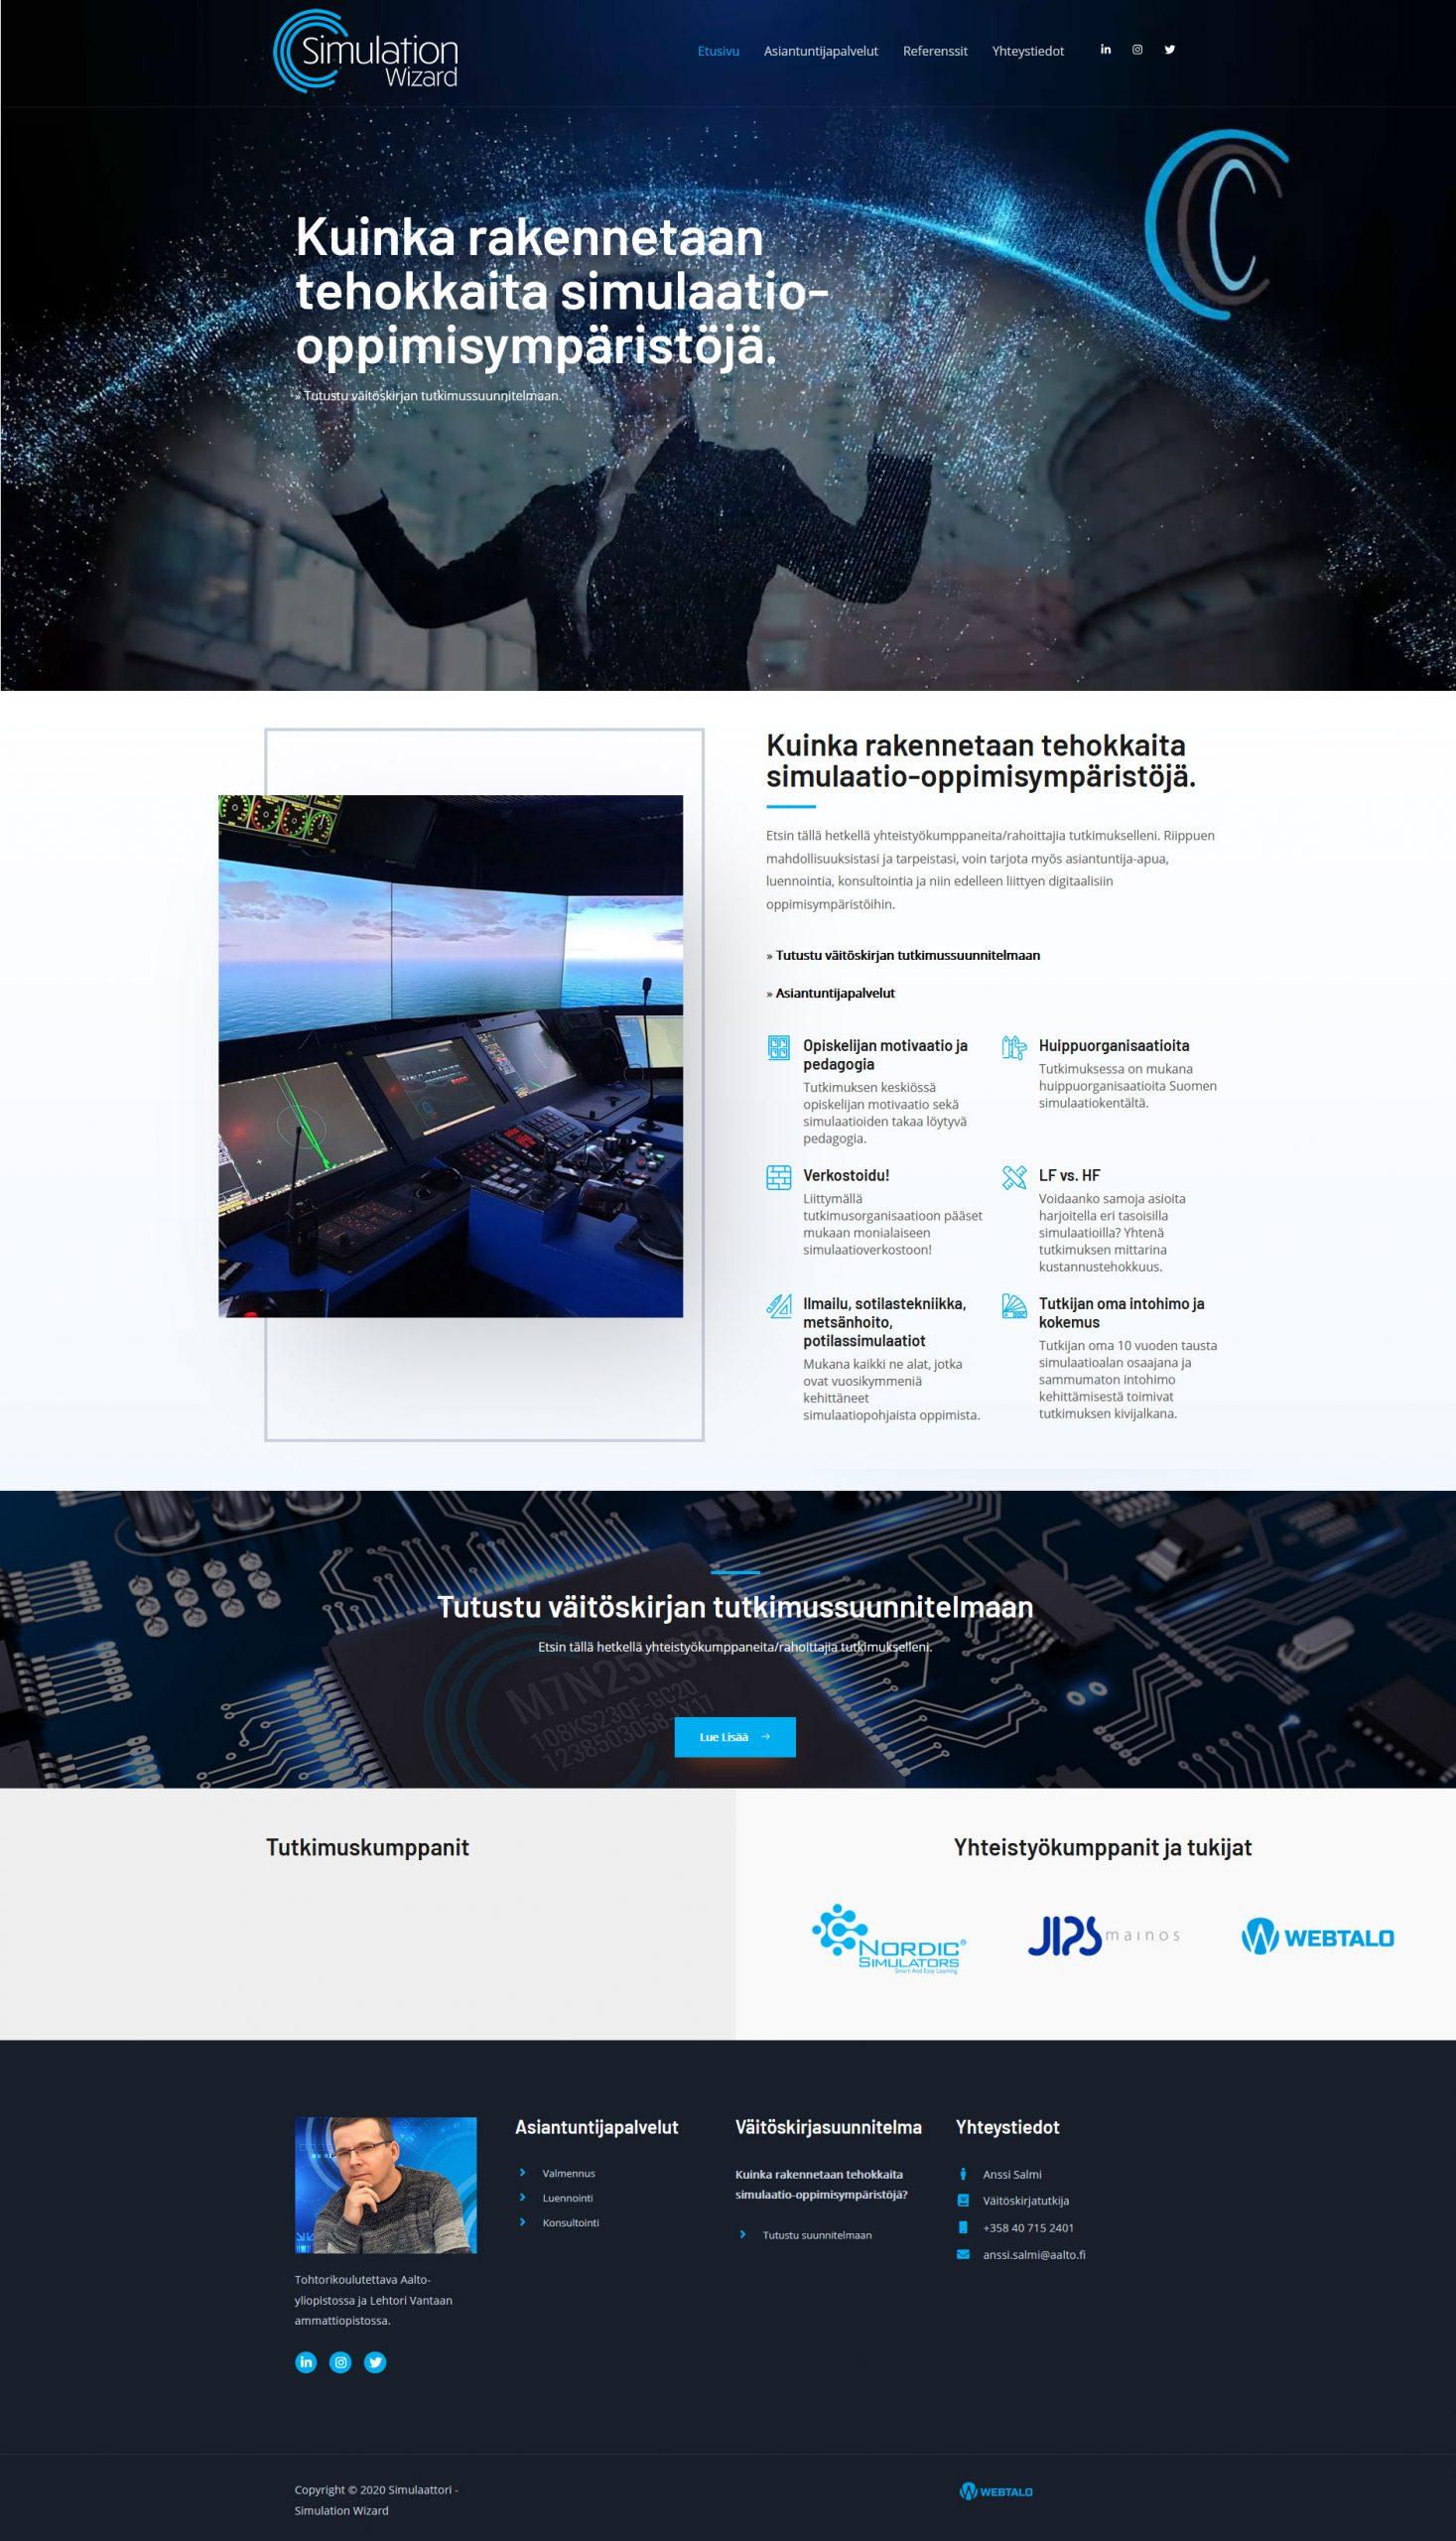 simulaattori-simulation-wizard-jips-webtalo-kotisivut-verkkosivut-internet-sivut-1